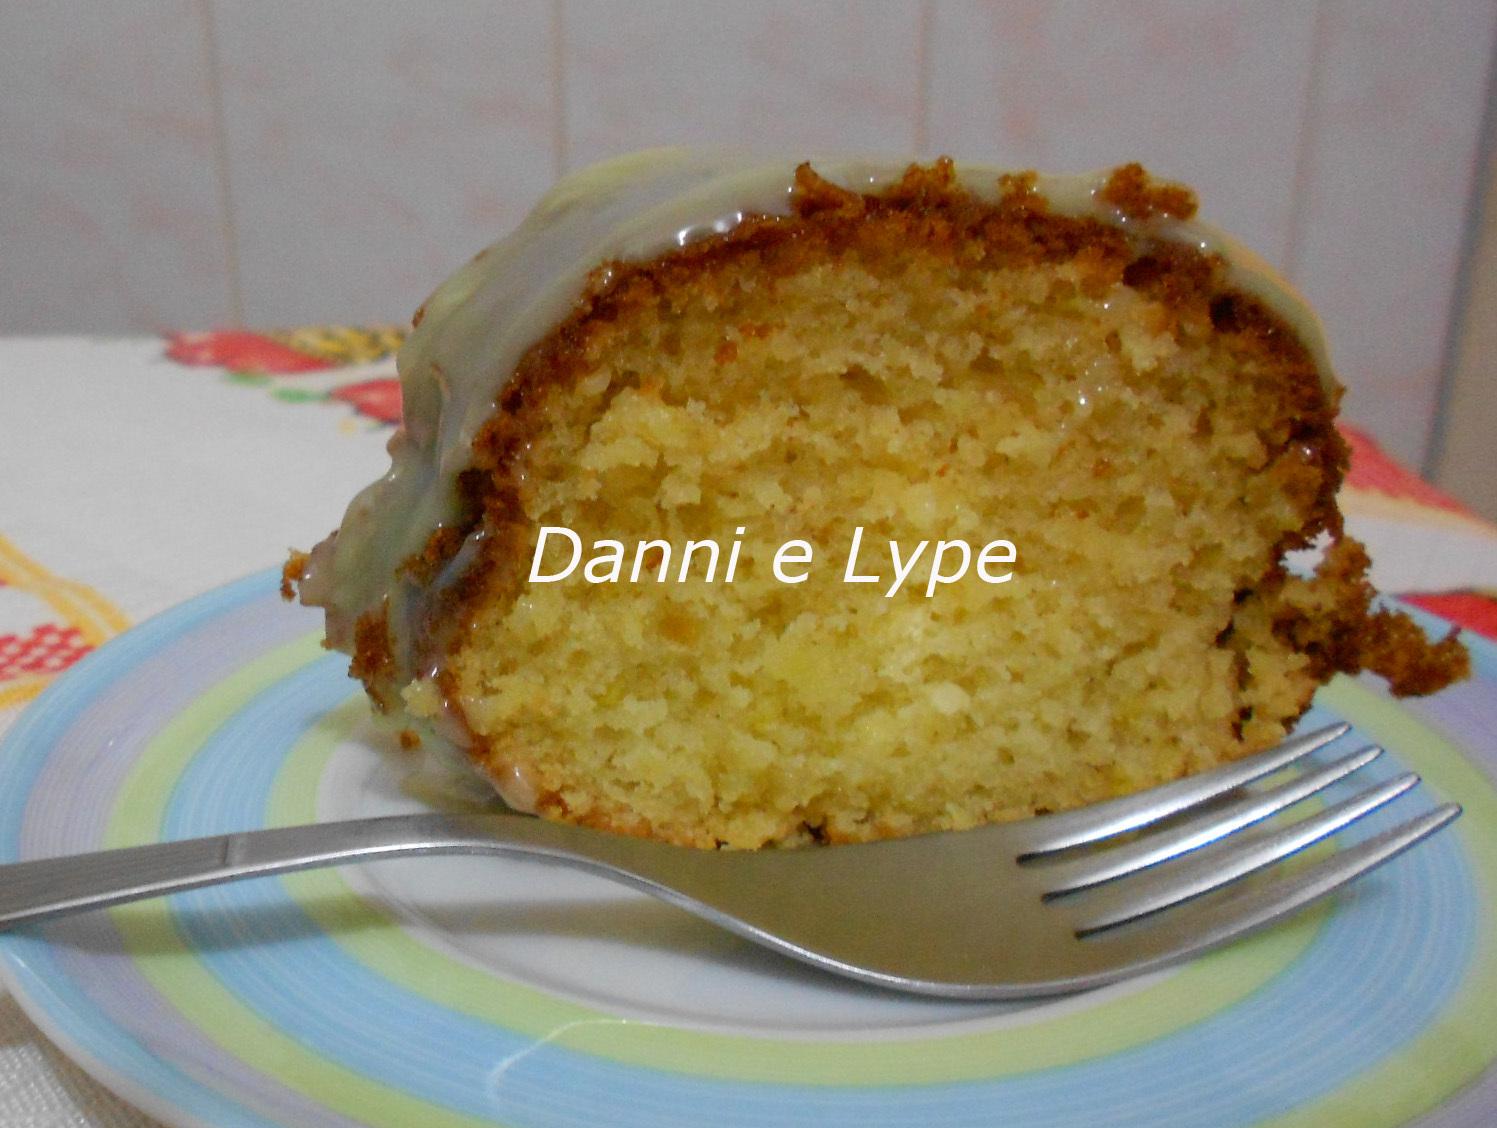 de bolo de laranja diet de liquidificador sem a casca da laranja